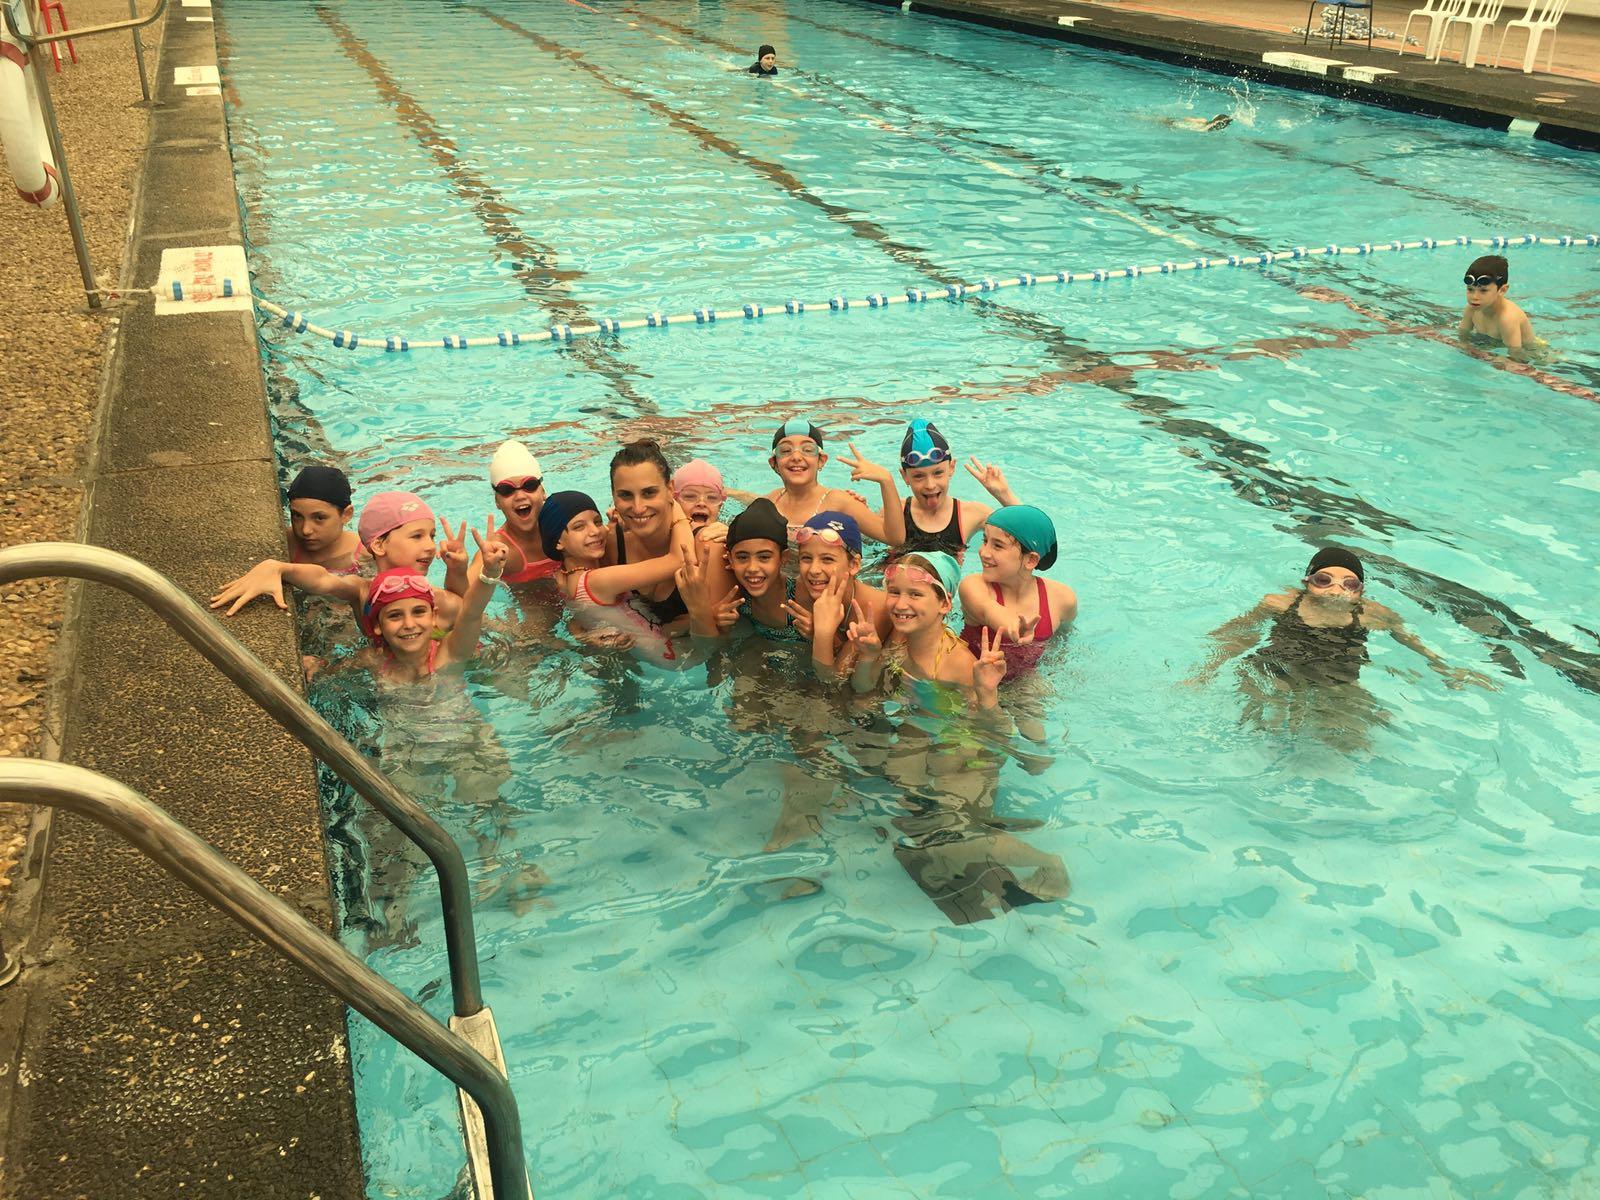 11 בנות המחול עםעינב מילר בבריכה